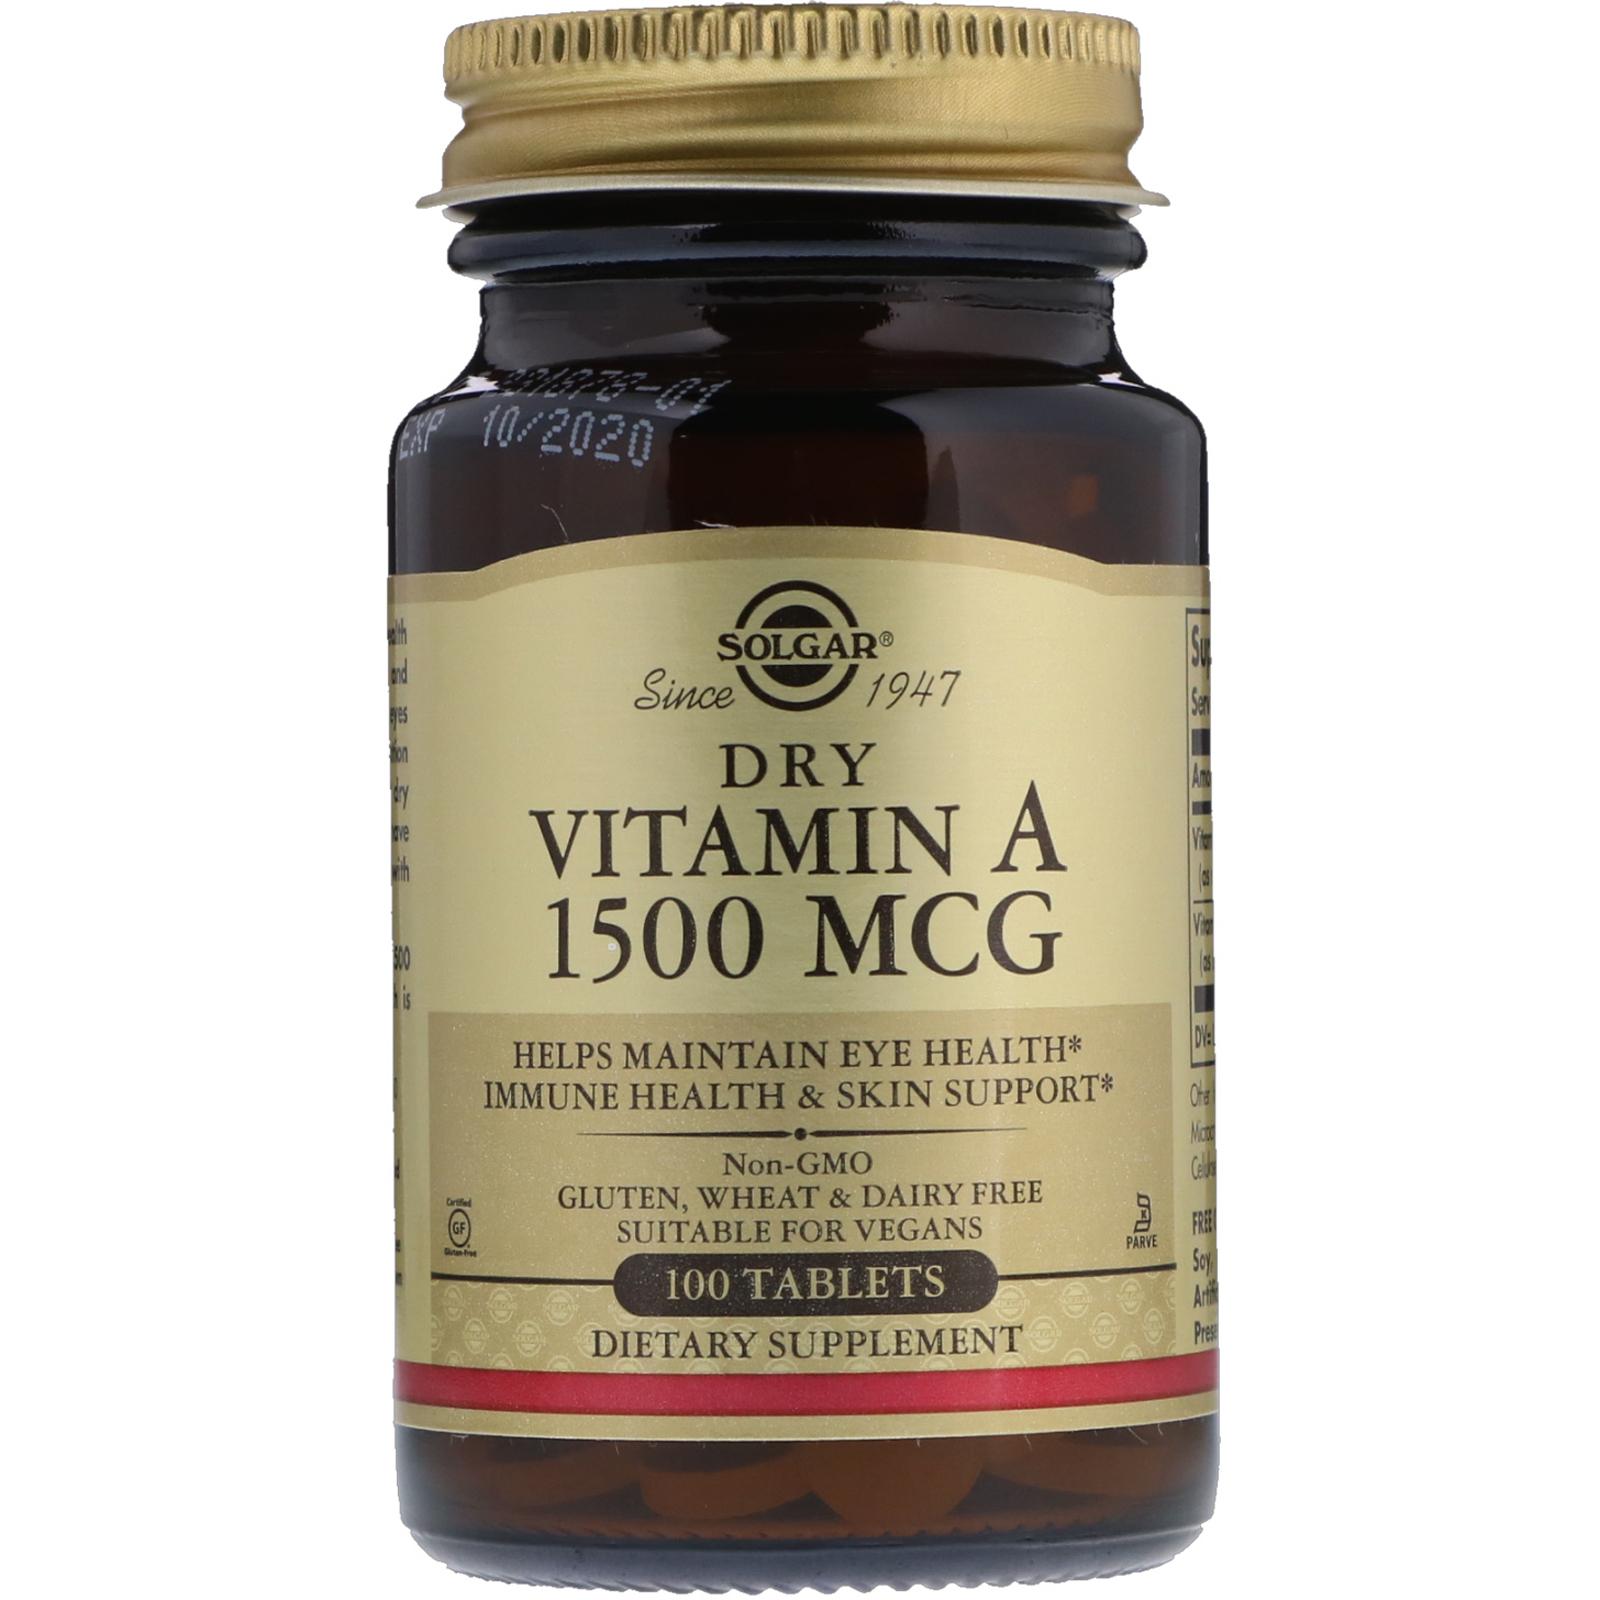 На фото сухой витамин A от Solgar. 100 таблеток по 1500 миллиграмм ретинола.